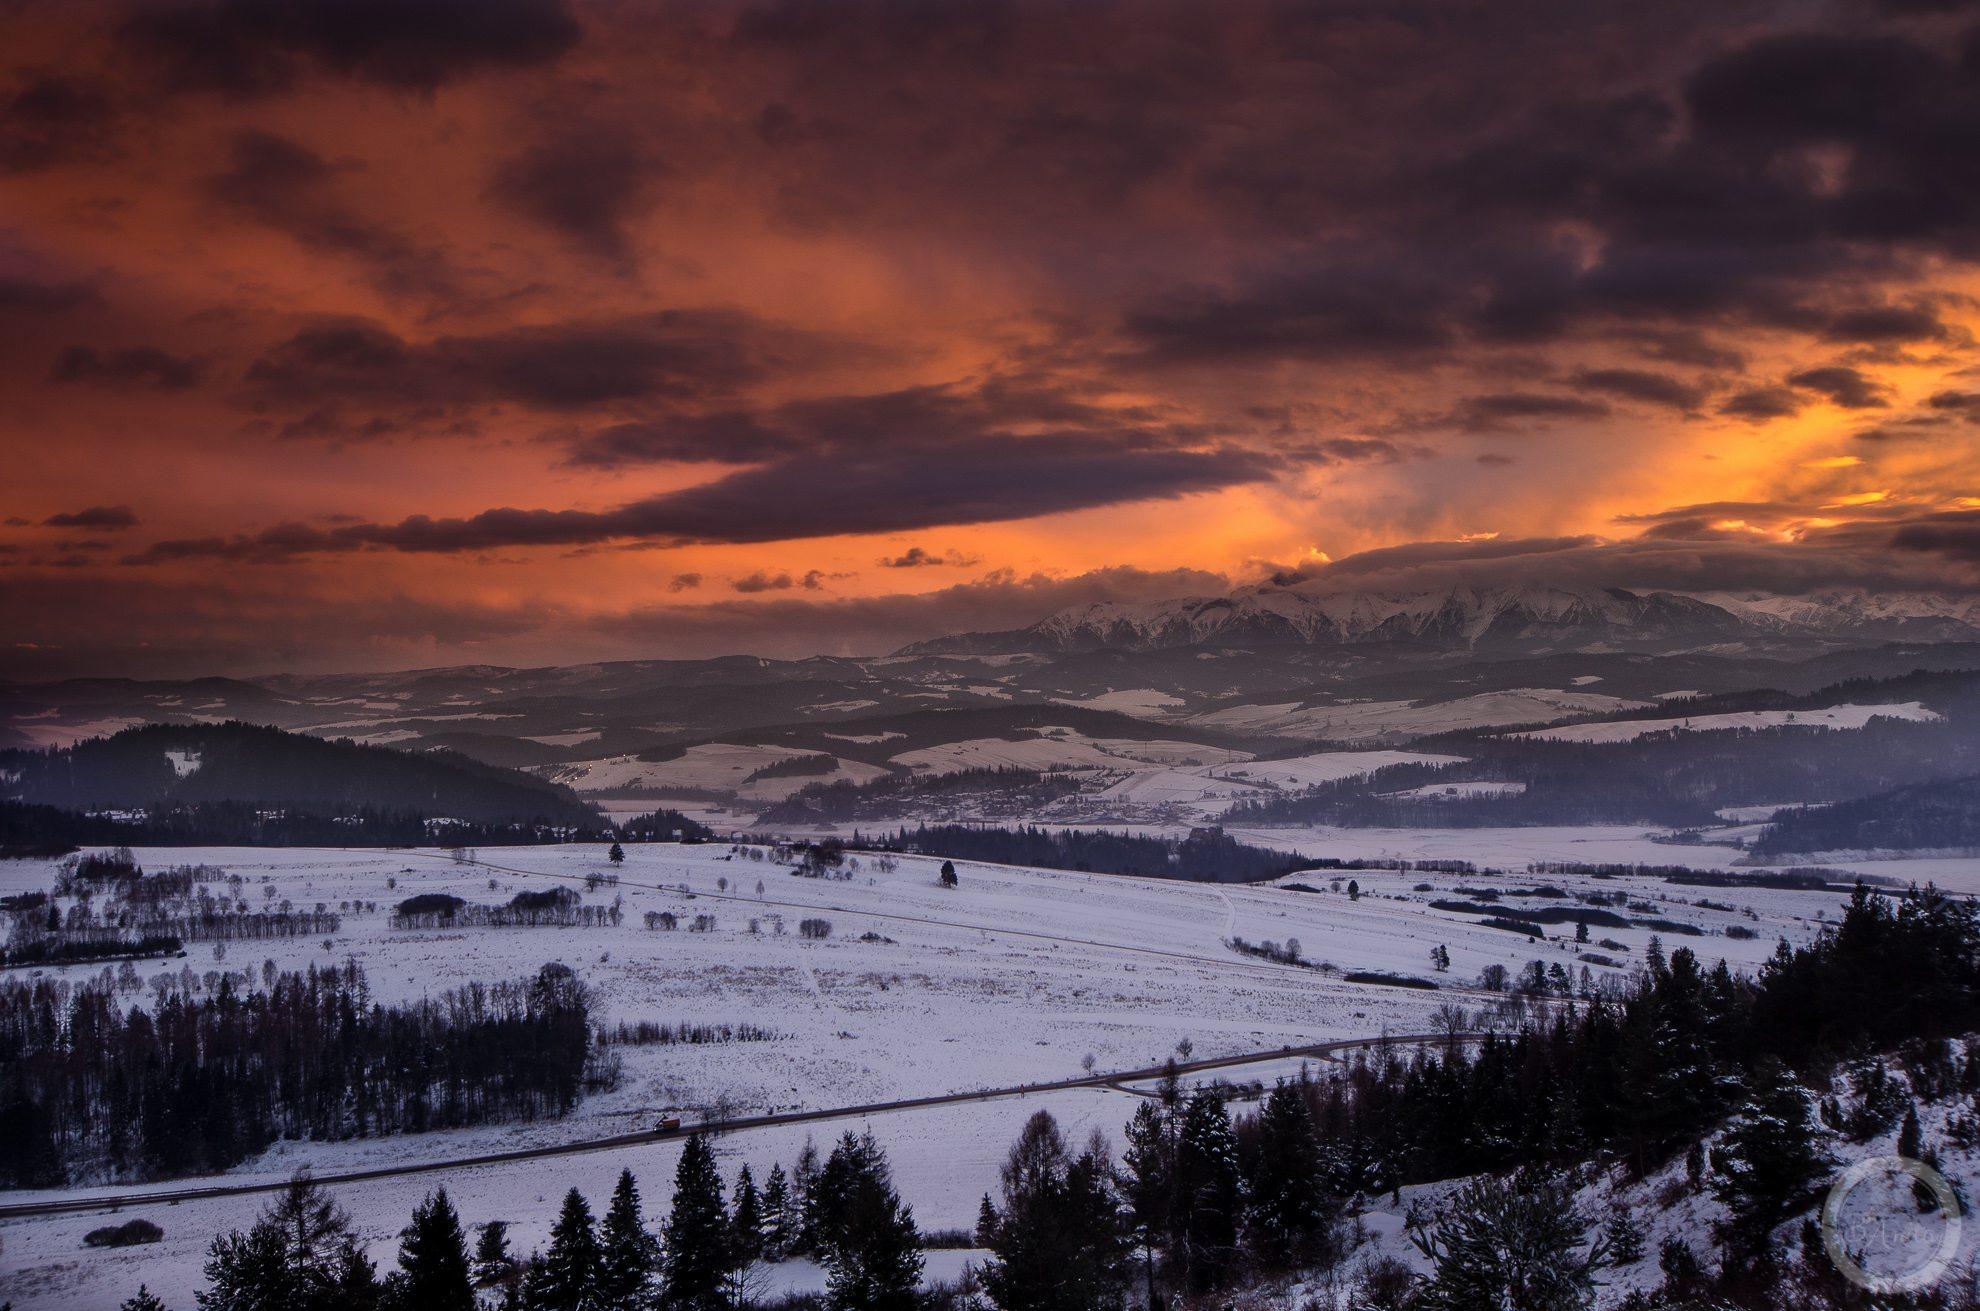 Wieczorny widok zGóry Wdżar (766, 767 m), szczytu wpaśmie łączącym Lubań zPieninami, pomiędzy przełęczami Drzyślawa iSnozka. Woddali widoczne Tatry oświetlone zachodzącym słońcem